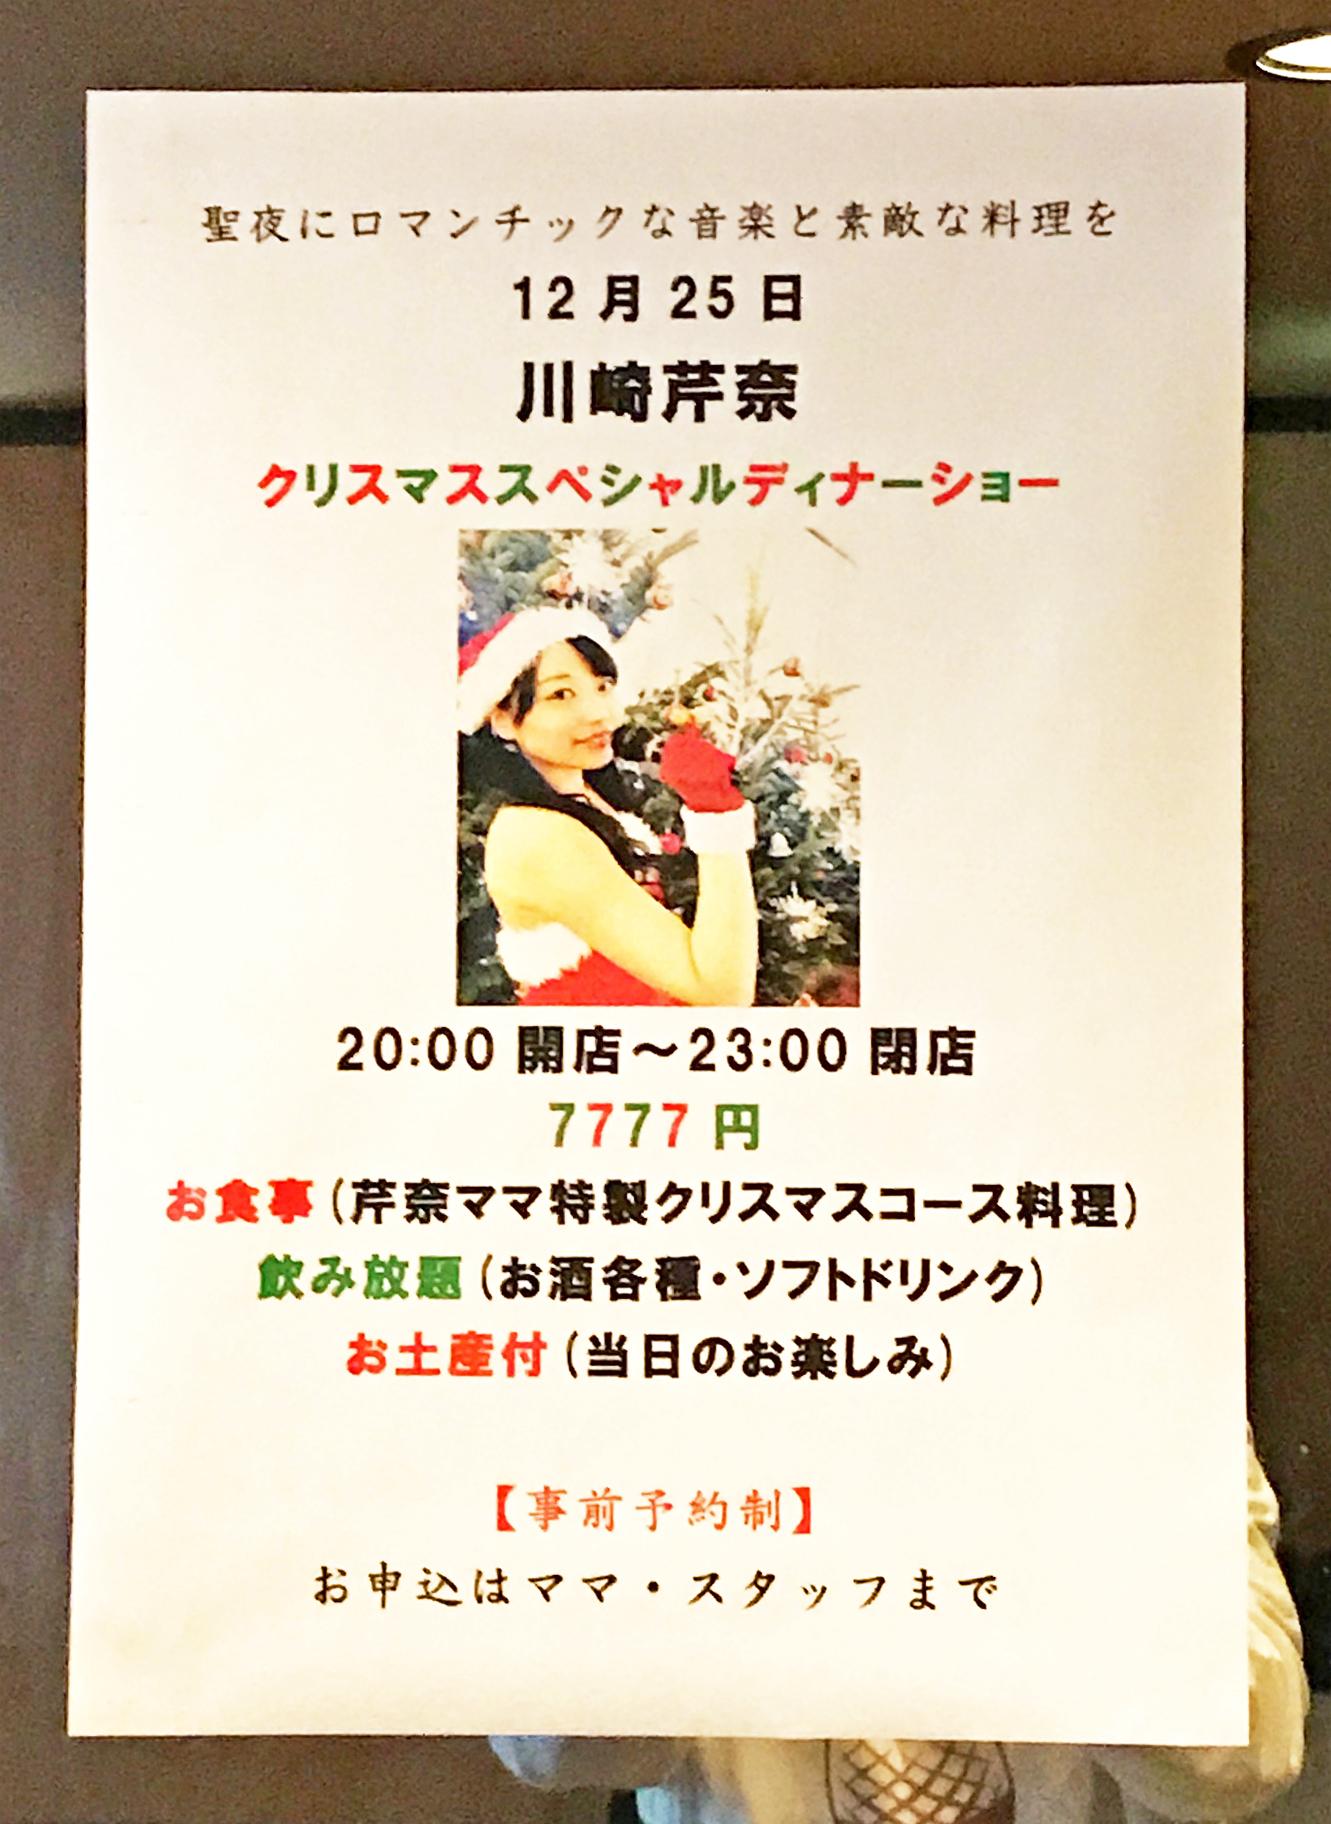 クリスマススペシャルディナーショー